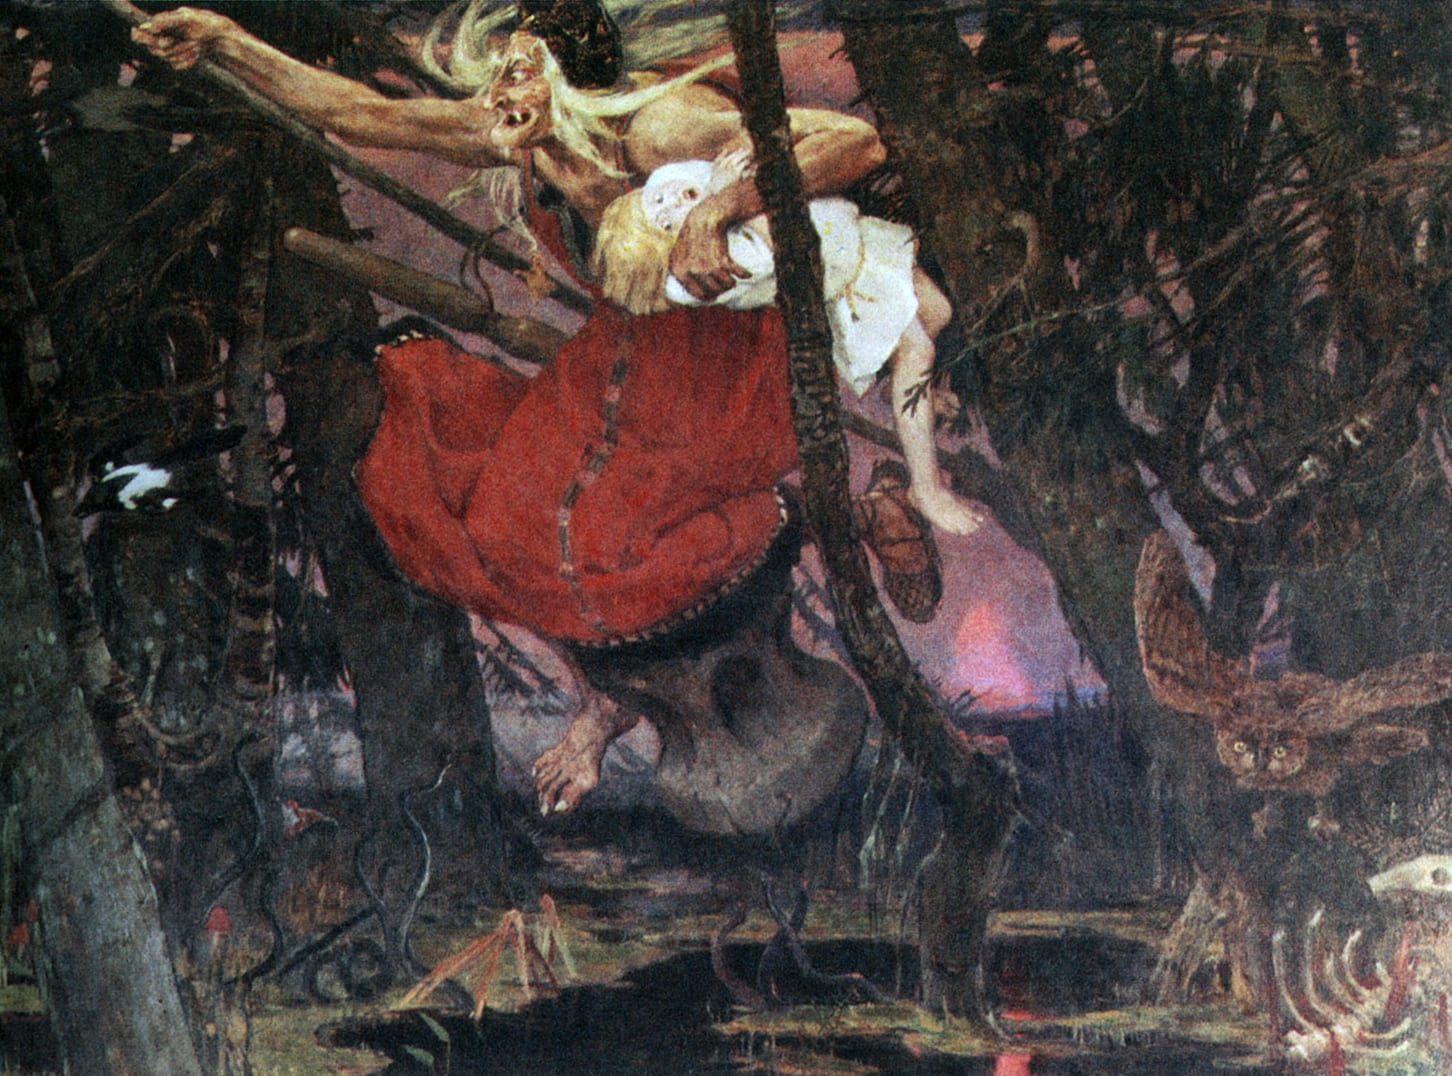 Виктор Васнецов «Баба-Яга», 1917 Местонахождение: Дом-музей В. М. Васнецова, Москва, Россия